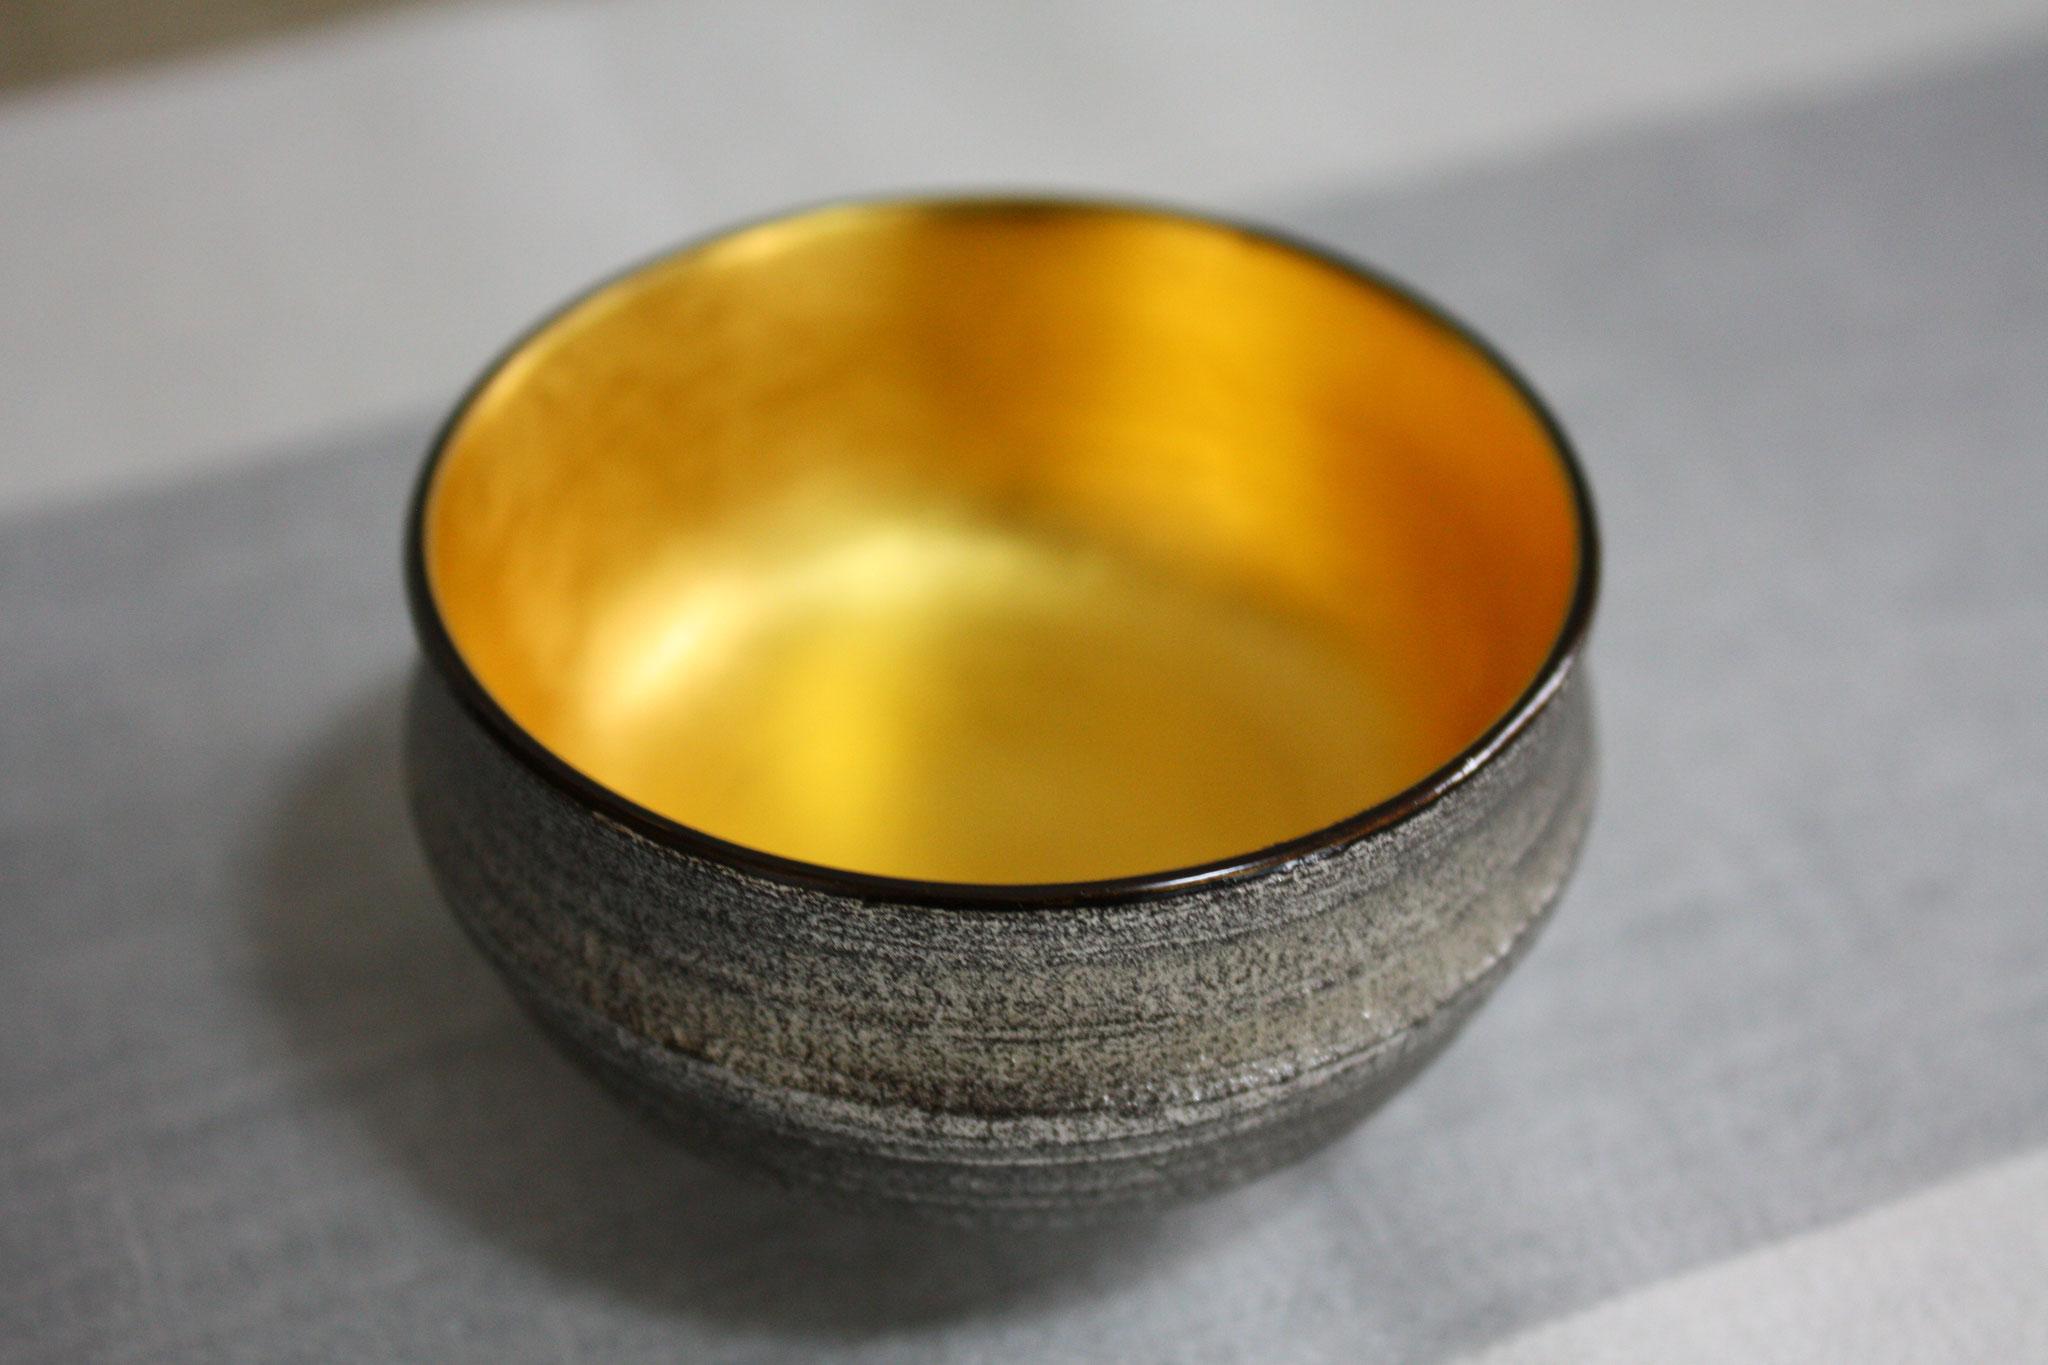 rusty sake cup